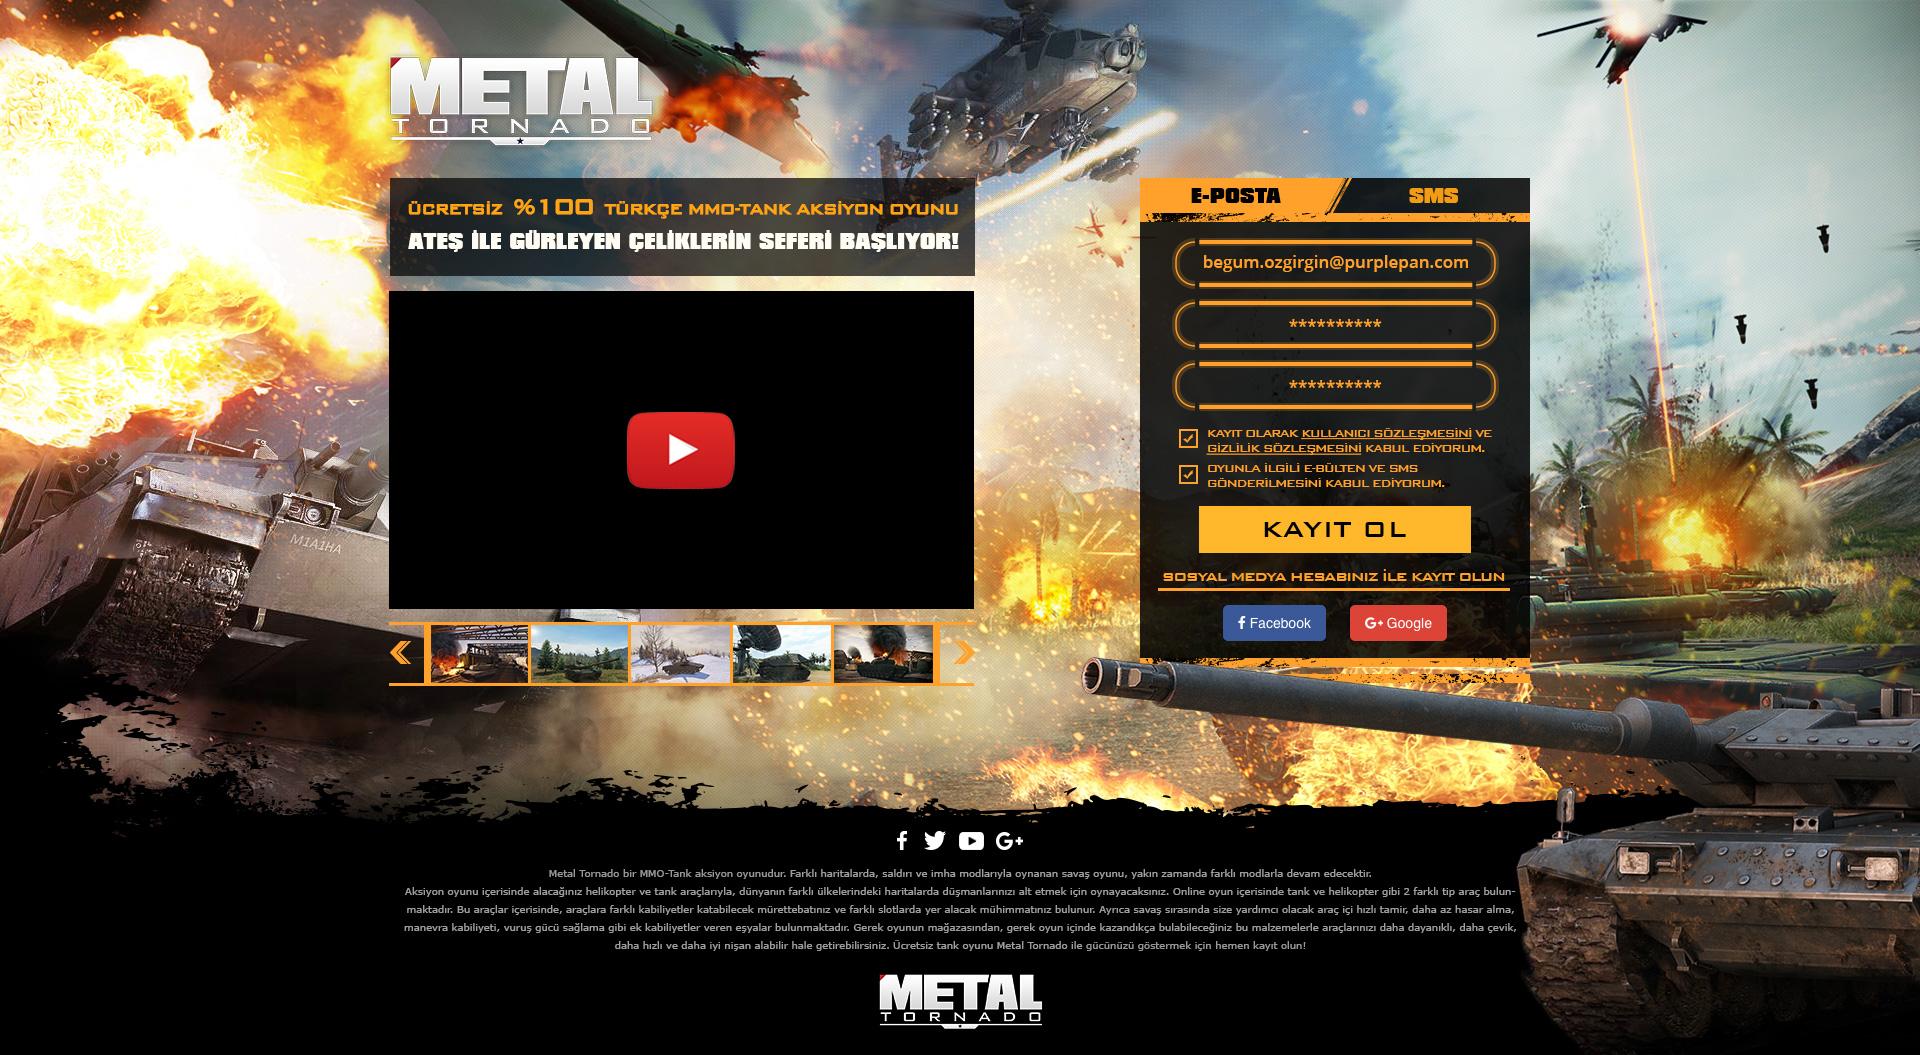 Metal Tornado Landing Page Design